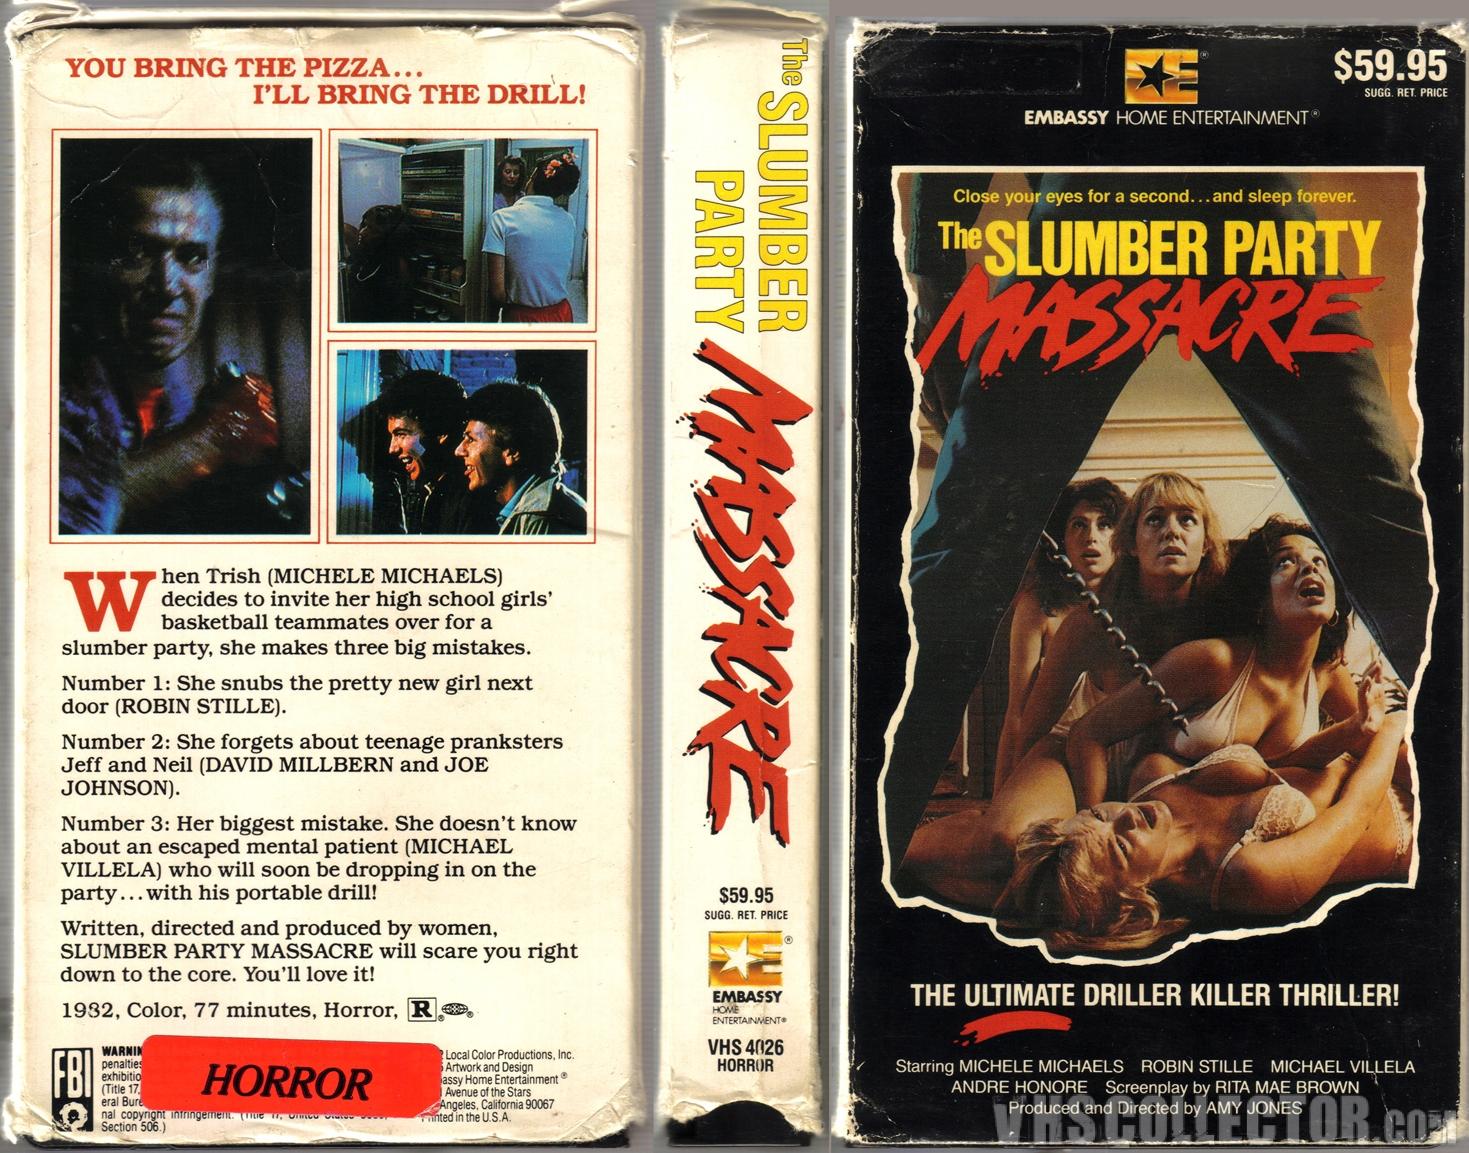 VHS als cultureel erfgoed